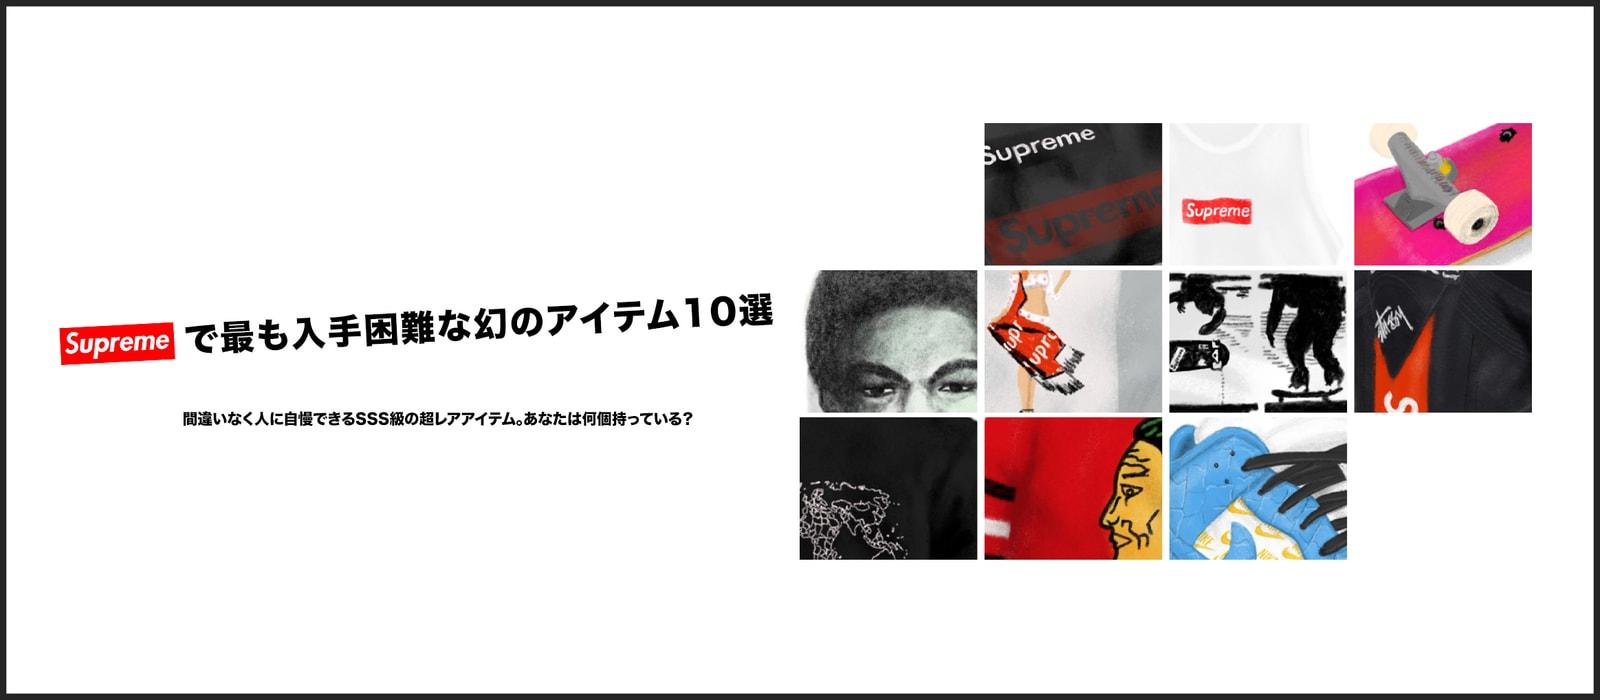 """Supreme で最も入手困難な幻のアイテム10選 ブラック/ブラックのボックスロゴTシャツ ネイト・ロウマンのスケートデッキ ミッツィ・ゲーナーのイラストTシャツ Alpinestars専用レーシングジャケット """"Rogue State"""" Tシャツ Nike SB Dunk Low Pro Rizzoli ボックスロゴTシャツ ボックスロゴタンクトップ ハーモニー・コリン """"Kill Whitey"""" デッキ シカゴ・ブラックホークスのホッケージャージ"""